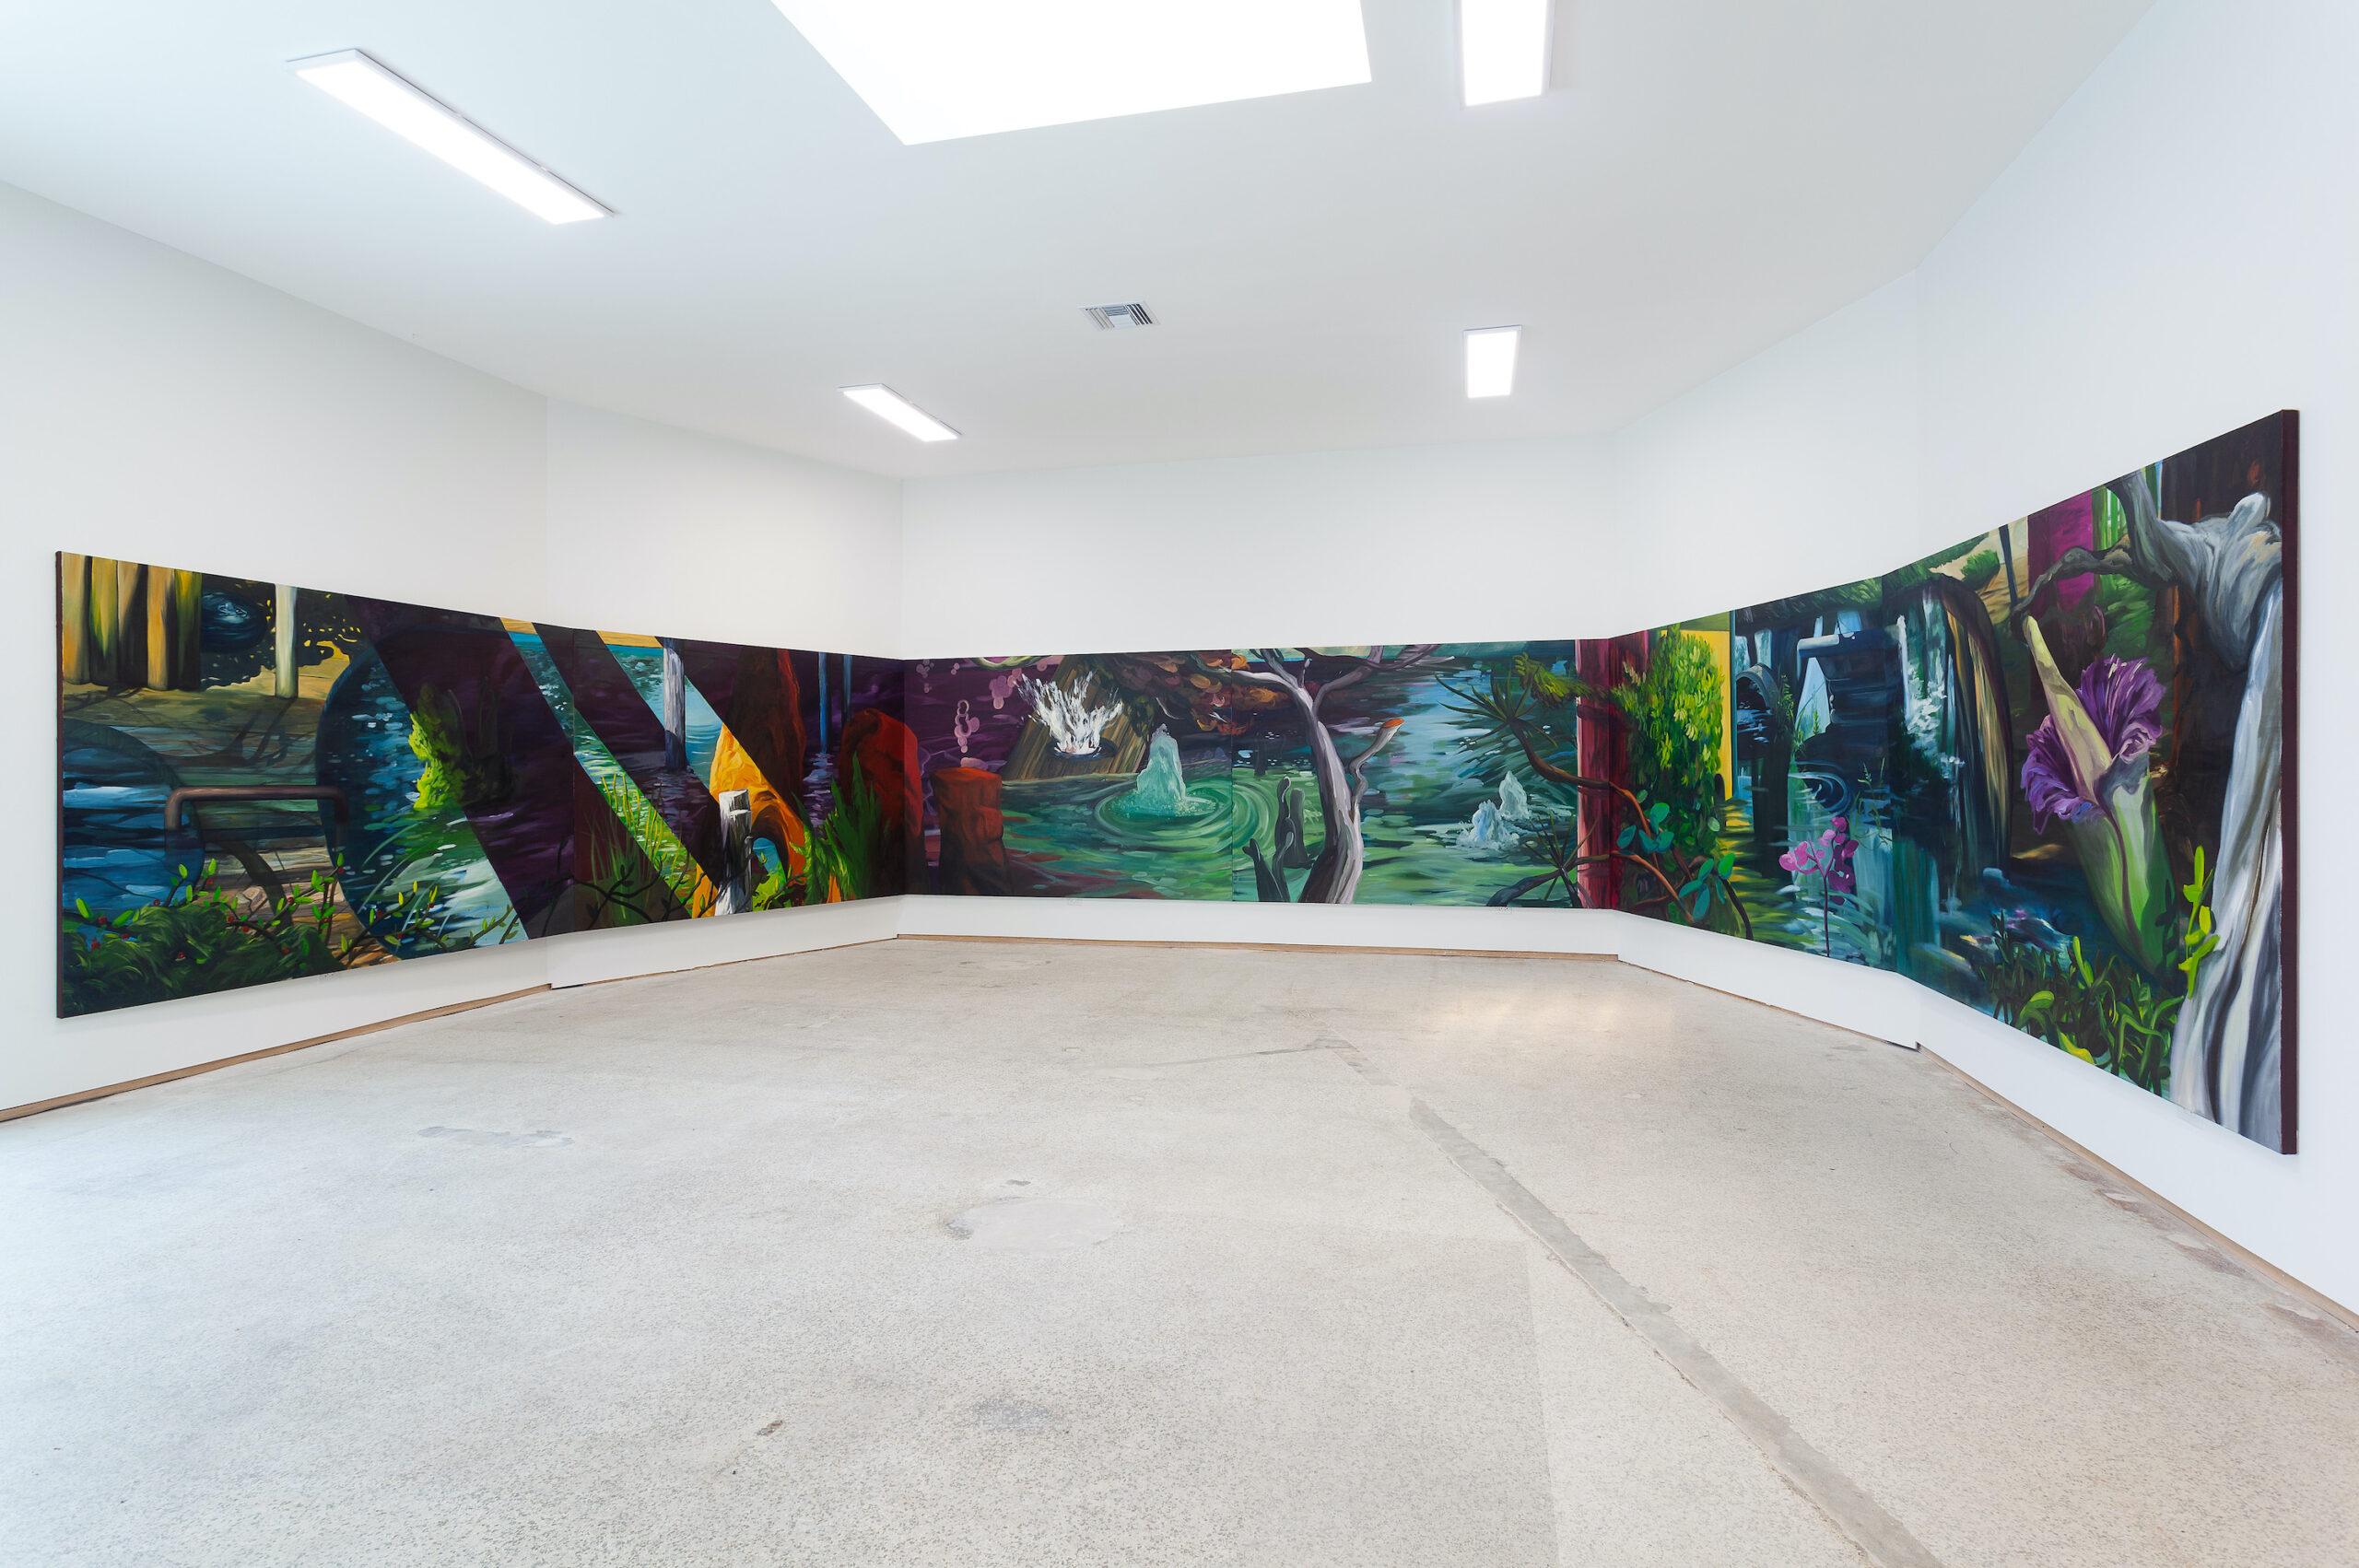 Ernesto Gutiérrez Moya, The Pond, 2020